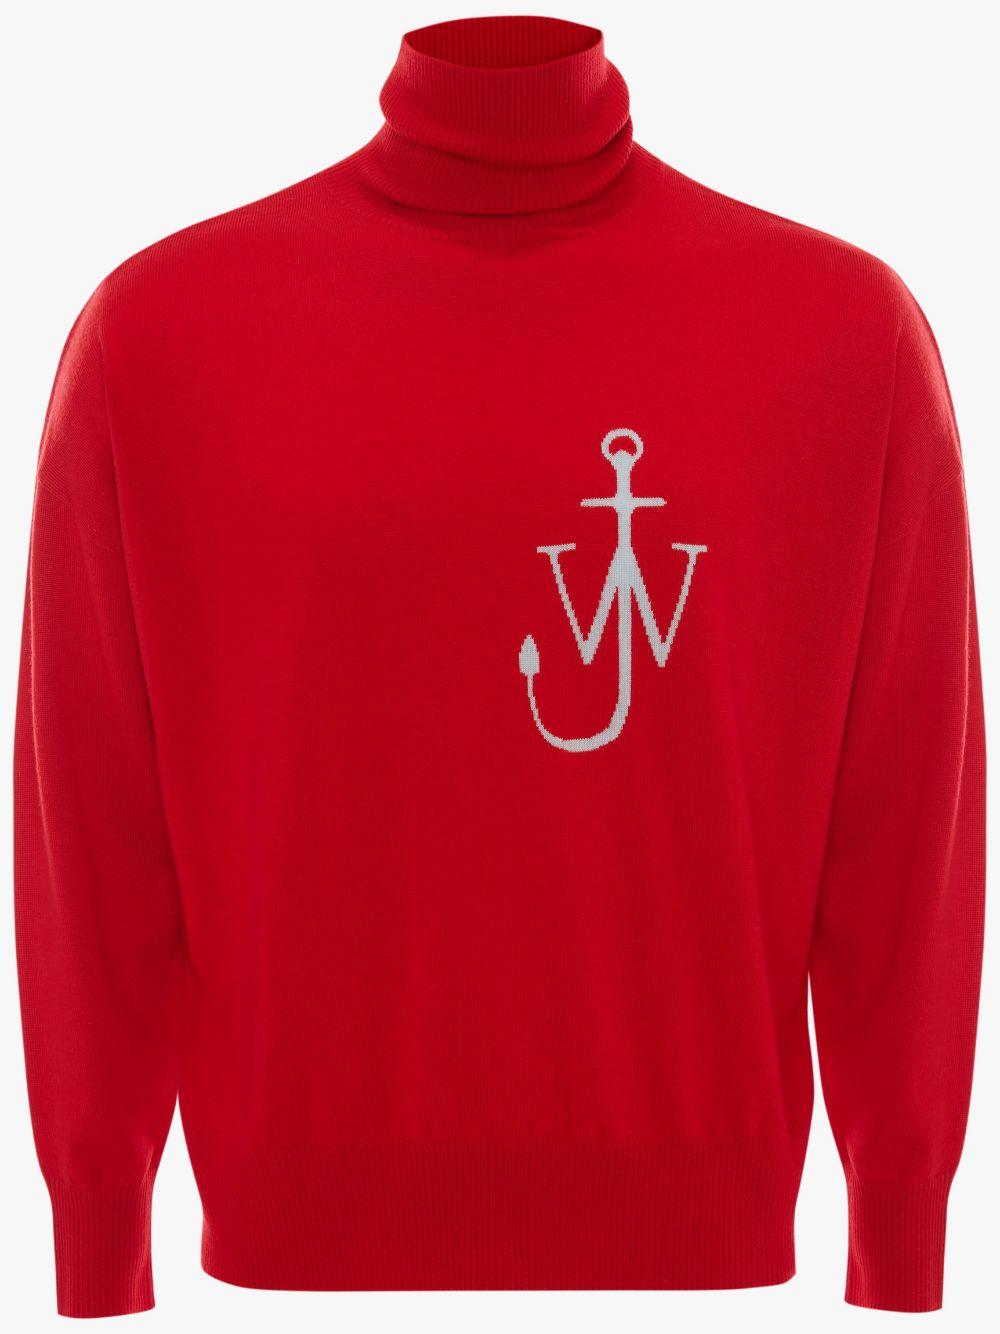 JW ANDERSON JW ANDERSON | Sweaters | KT0044YN0008459